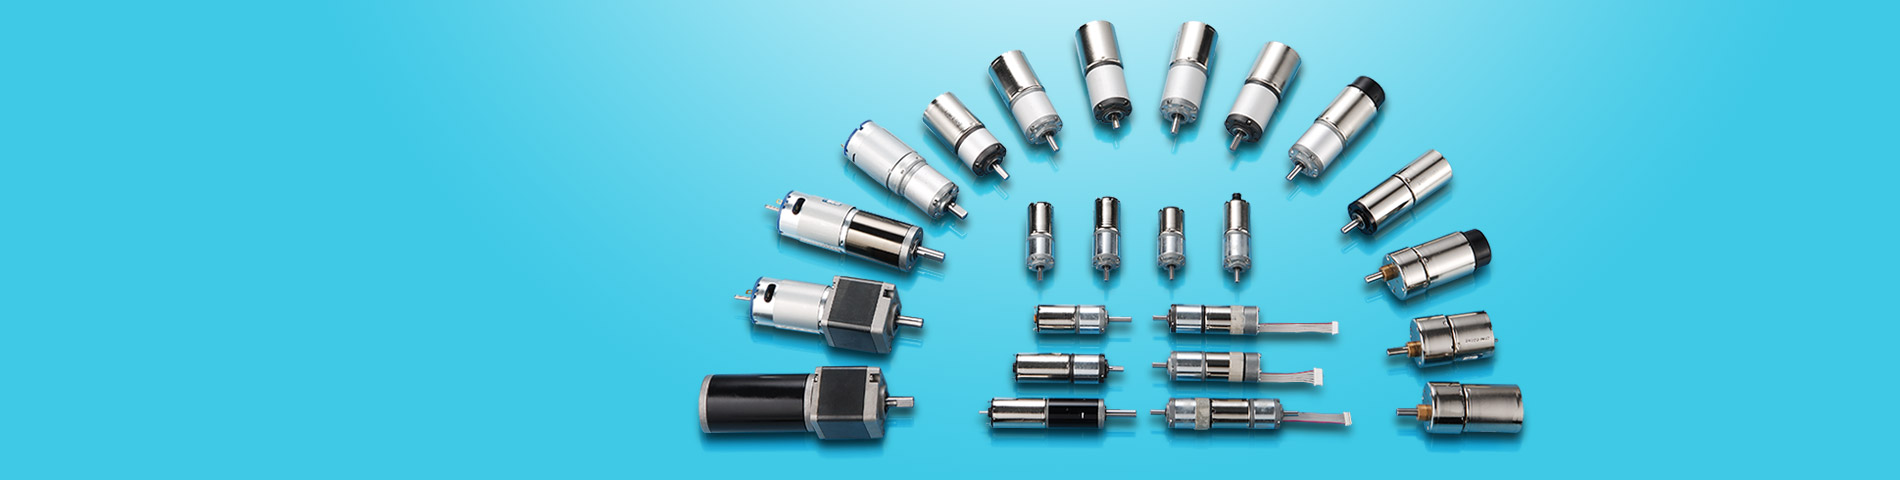 Per fornire piccolo Motoriduttori CC per un'ampia varietà di applicazioni